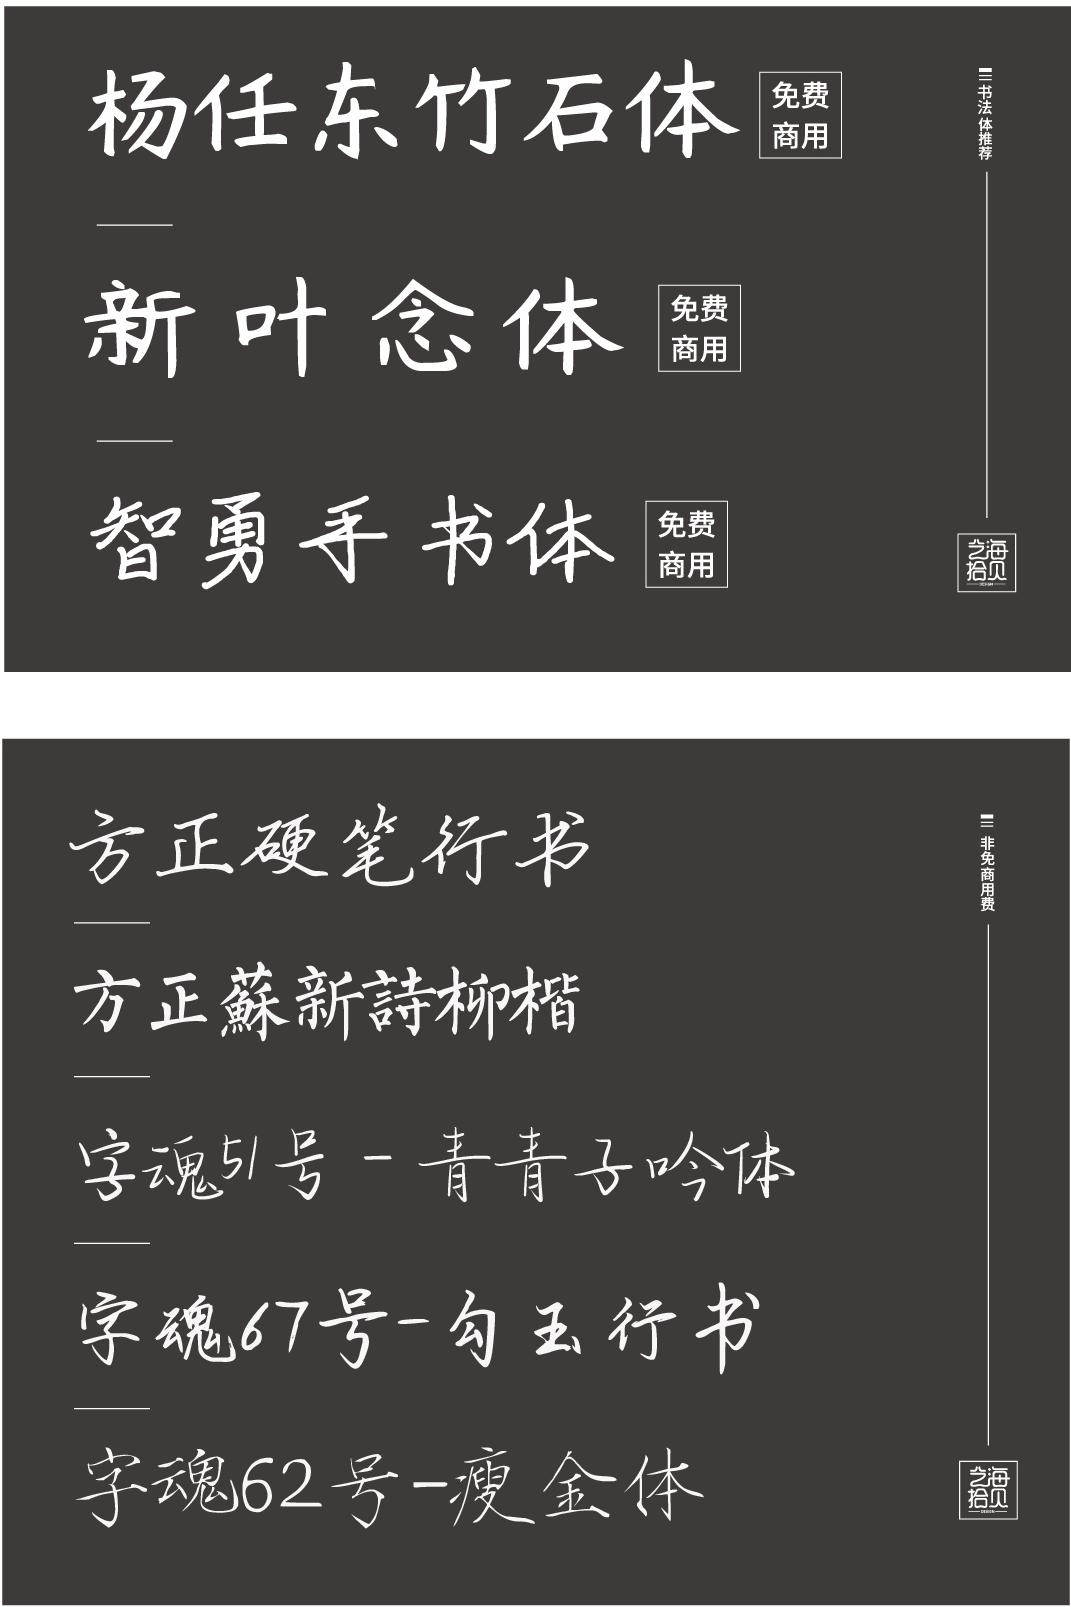 字体与设计:摆脱字体选择困难症